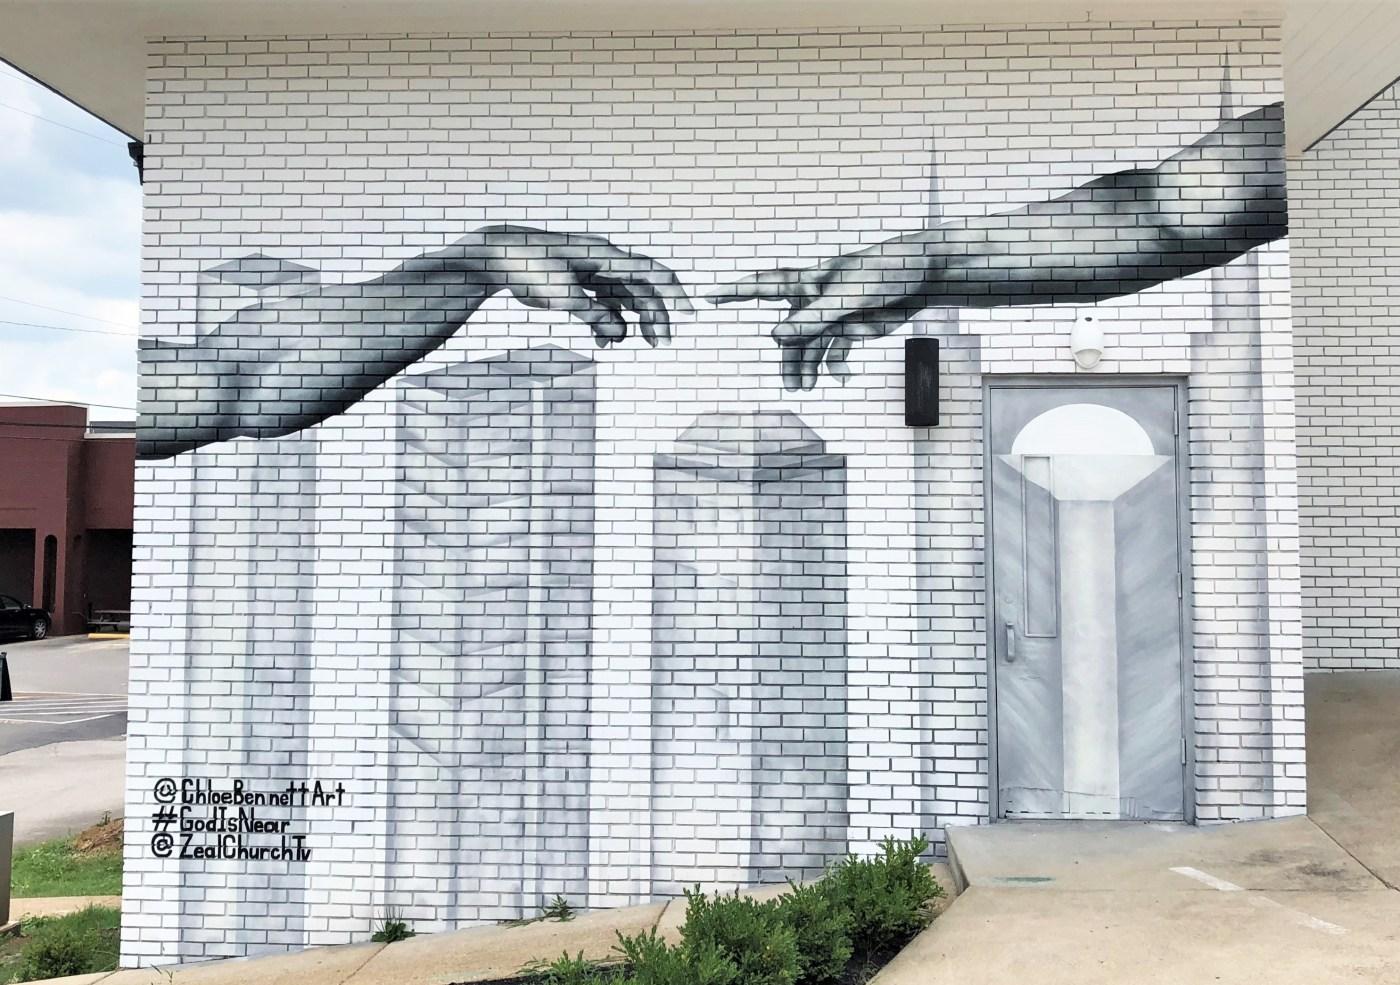 Creation Hands mural street art Nashville